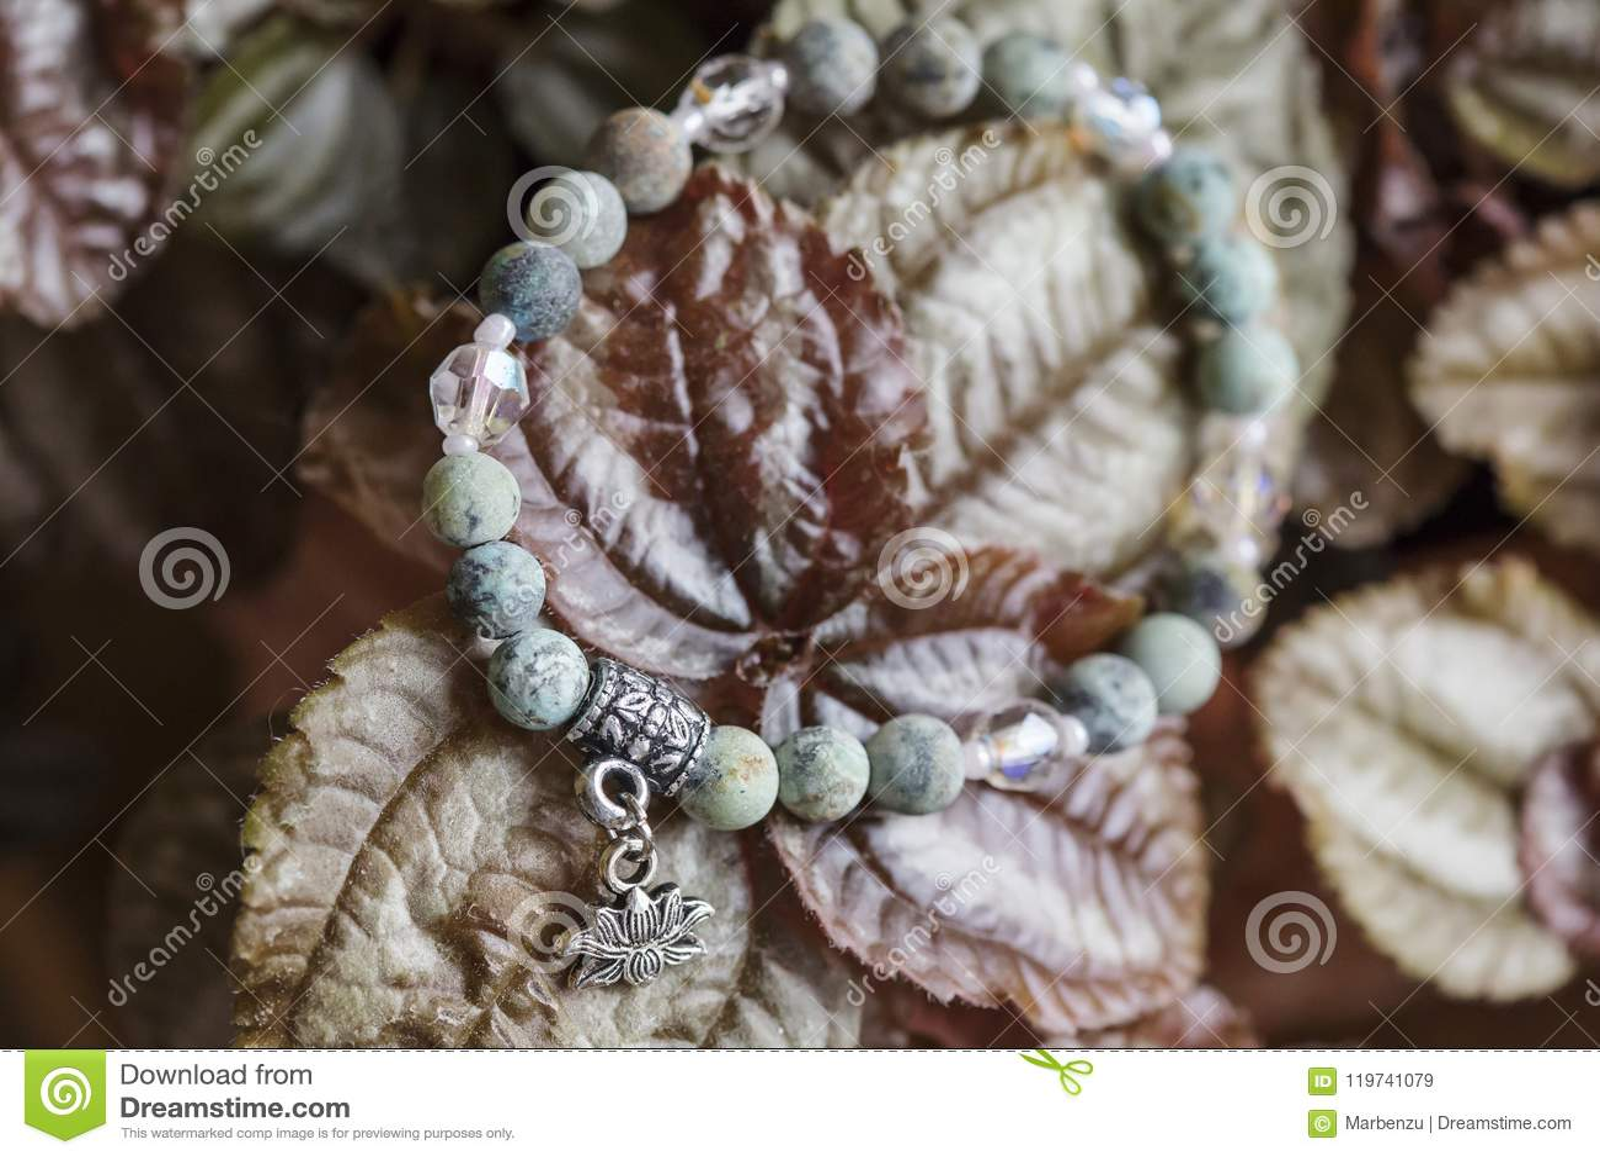 有莲花垂饰的自然绿松石石头瑜伽镯子